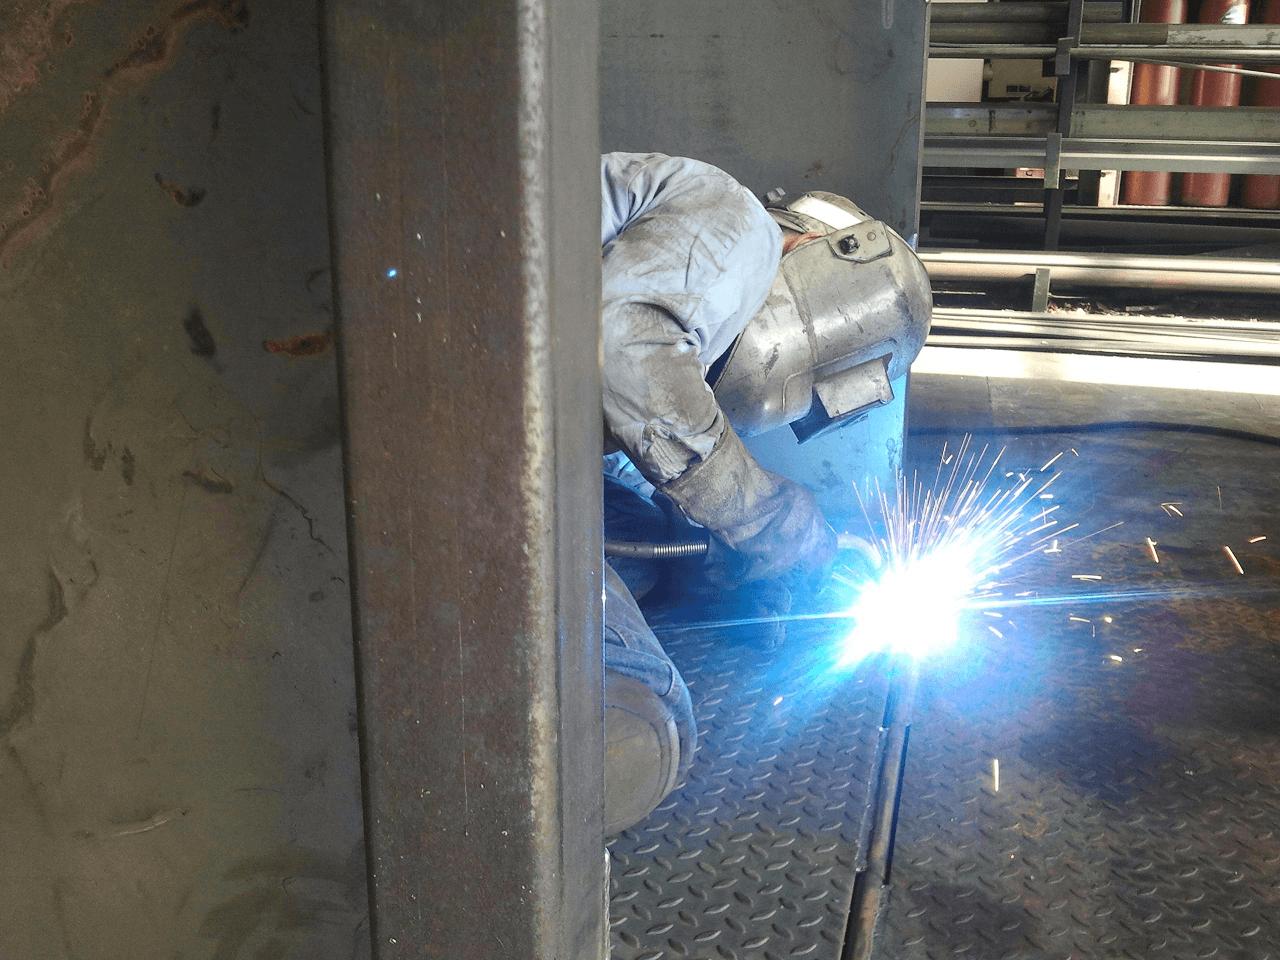 ABD Vietnam Menşeli Paslanmaz Çelik İthalatına ÖEK Soruşturması Açtı